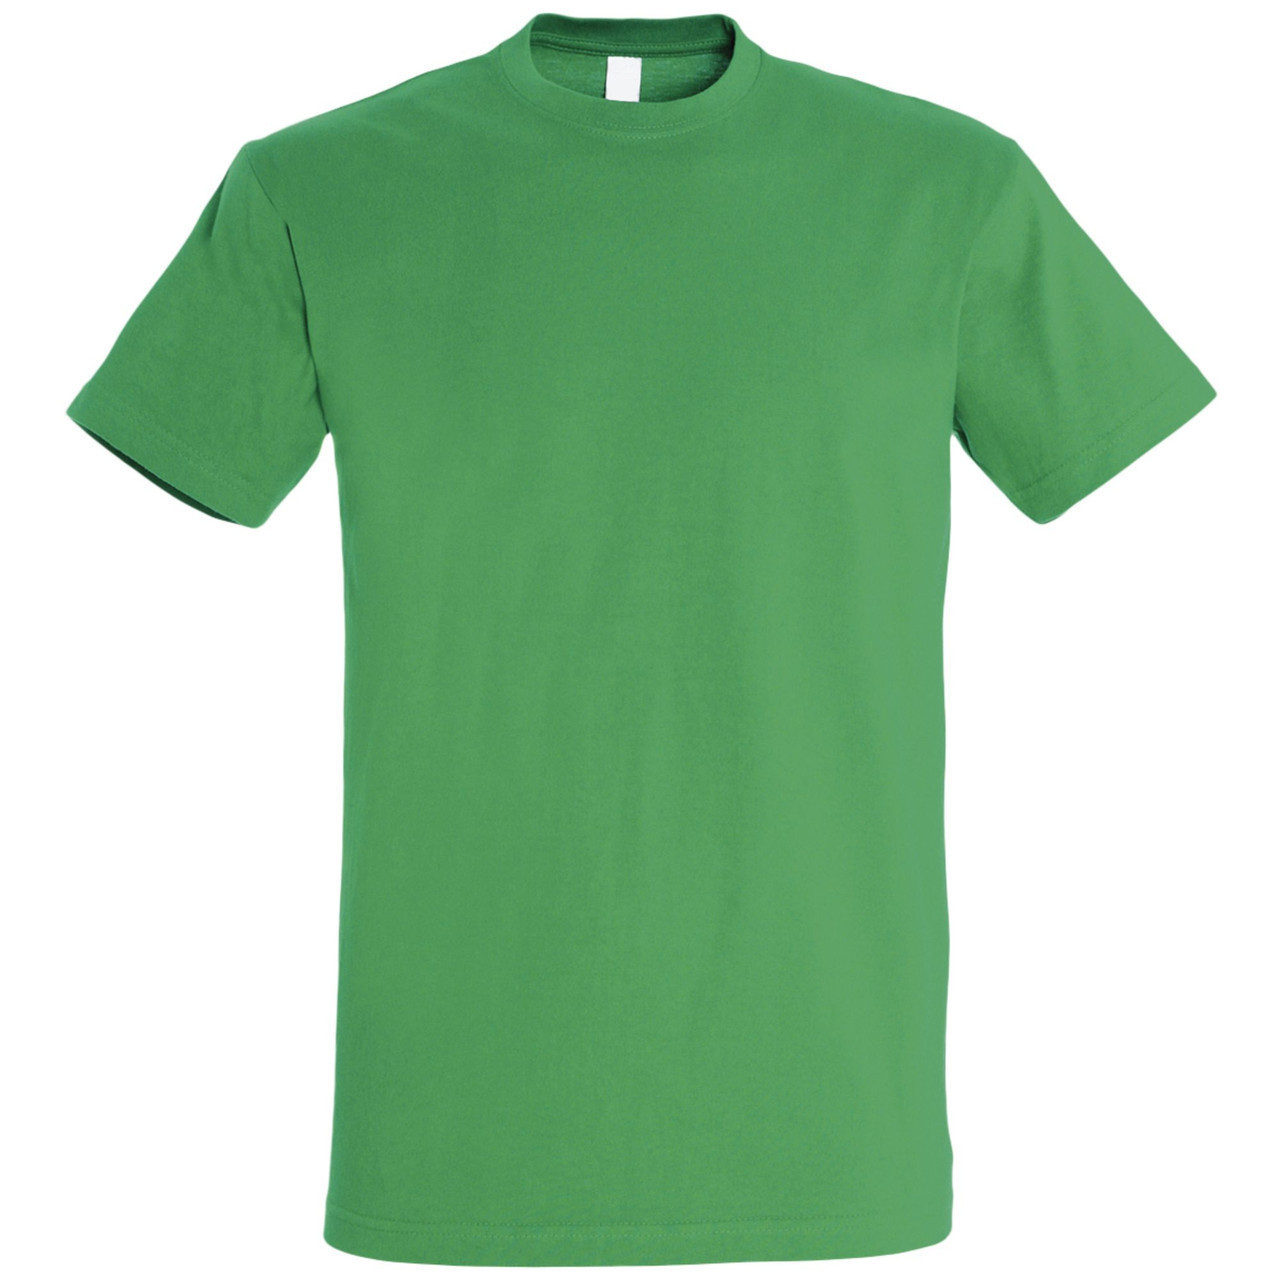 Oднотонная футболка   Зеленая   160 гр.   3XL